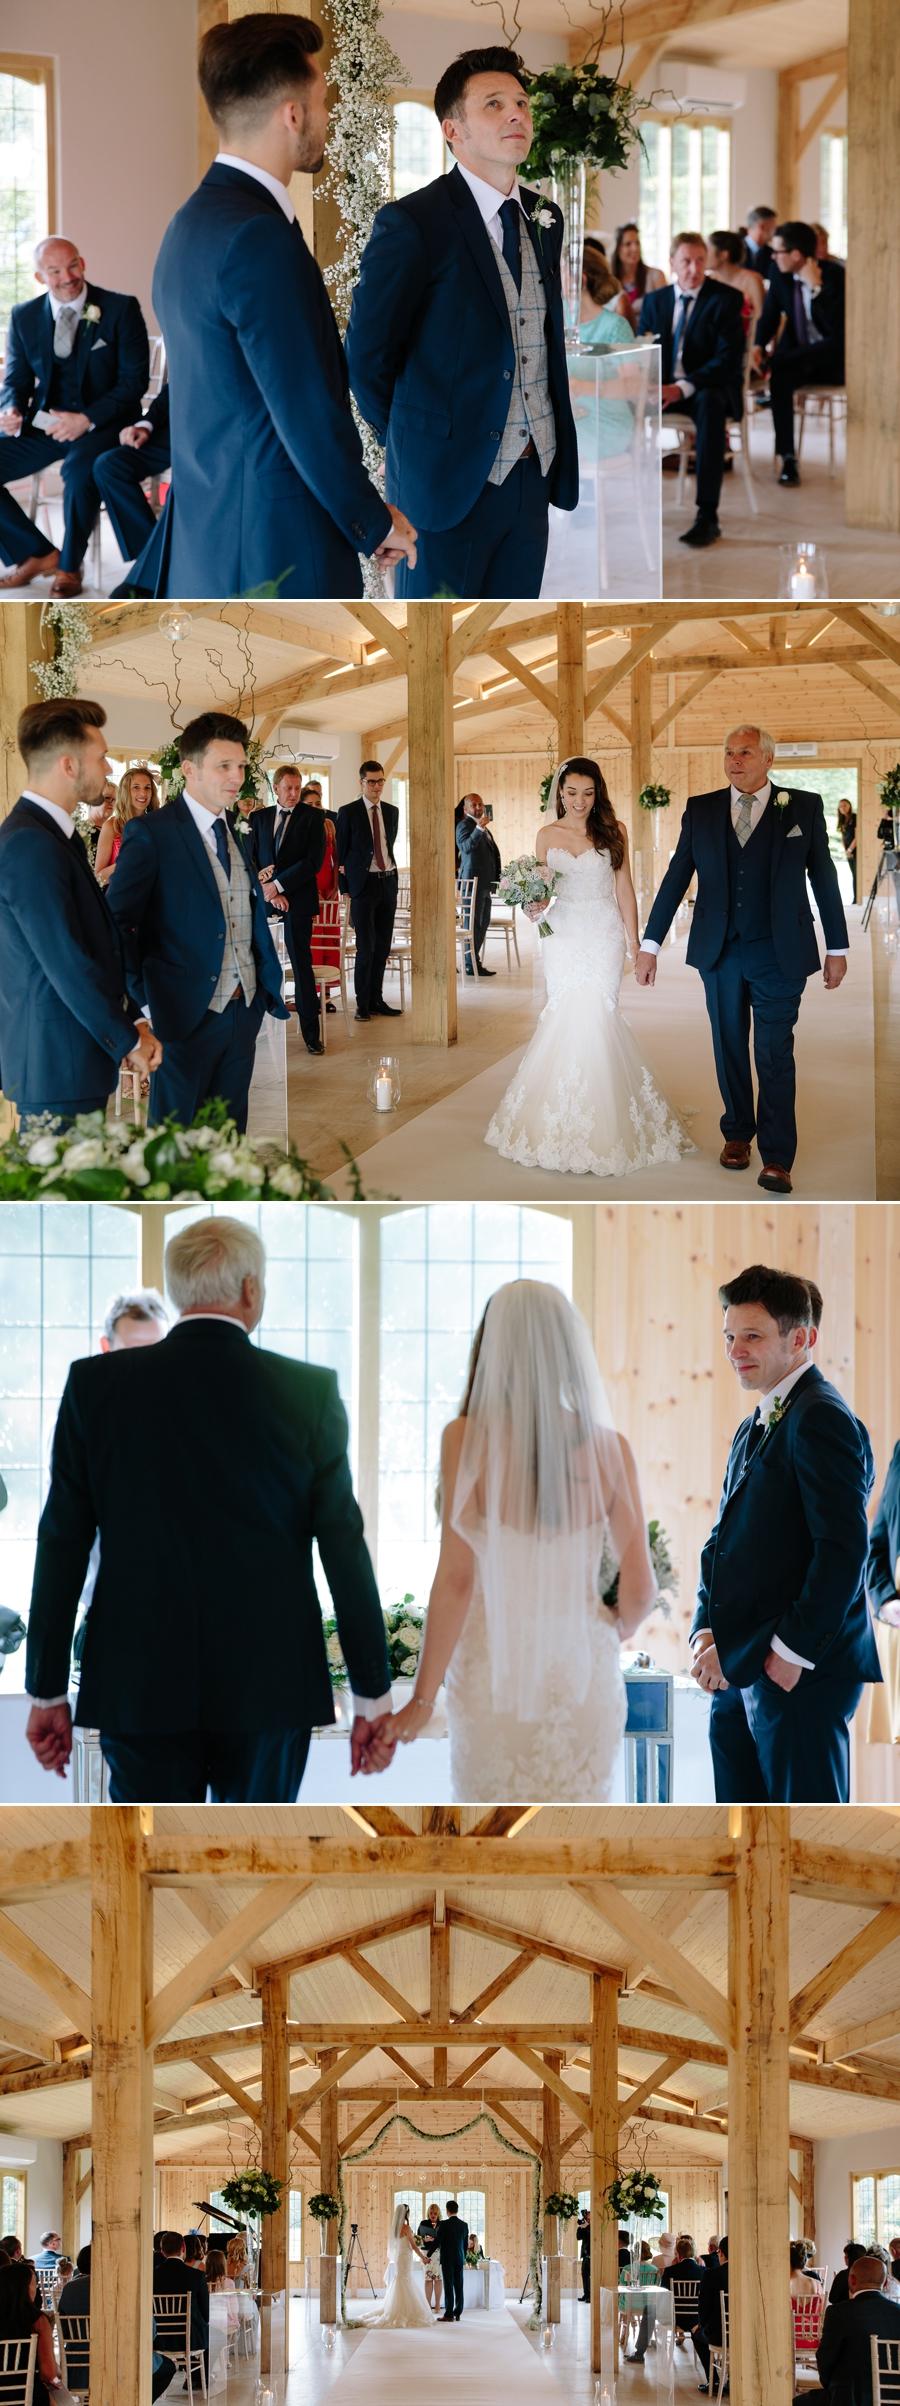 Groom seeing the bride walking down the aisle